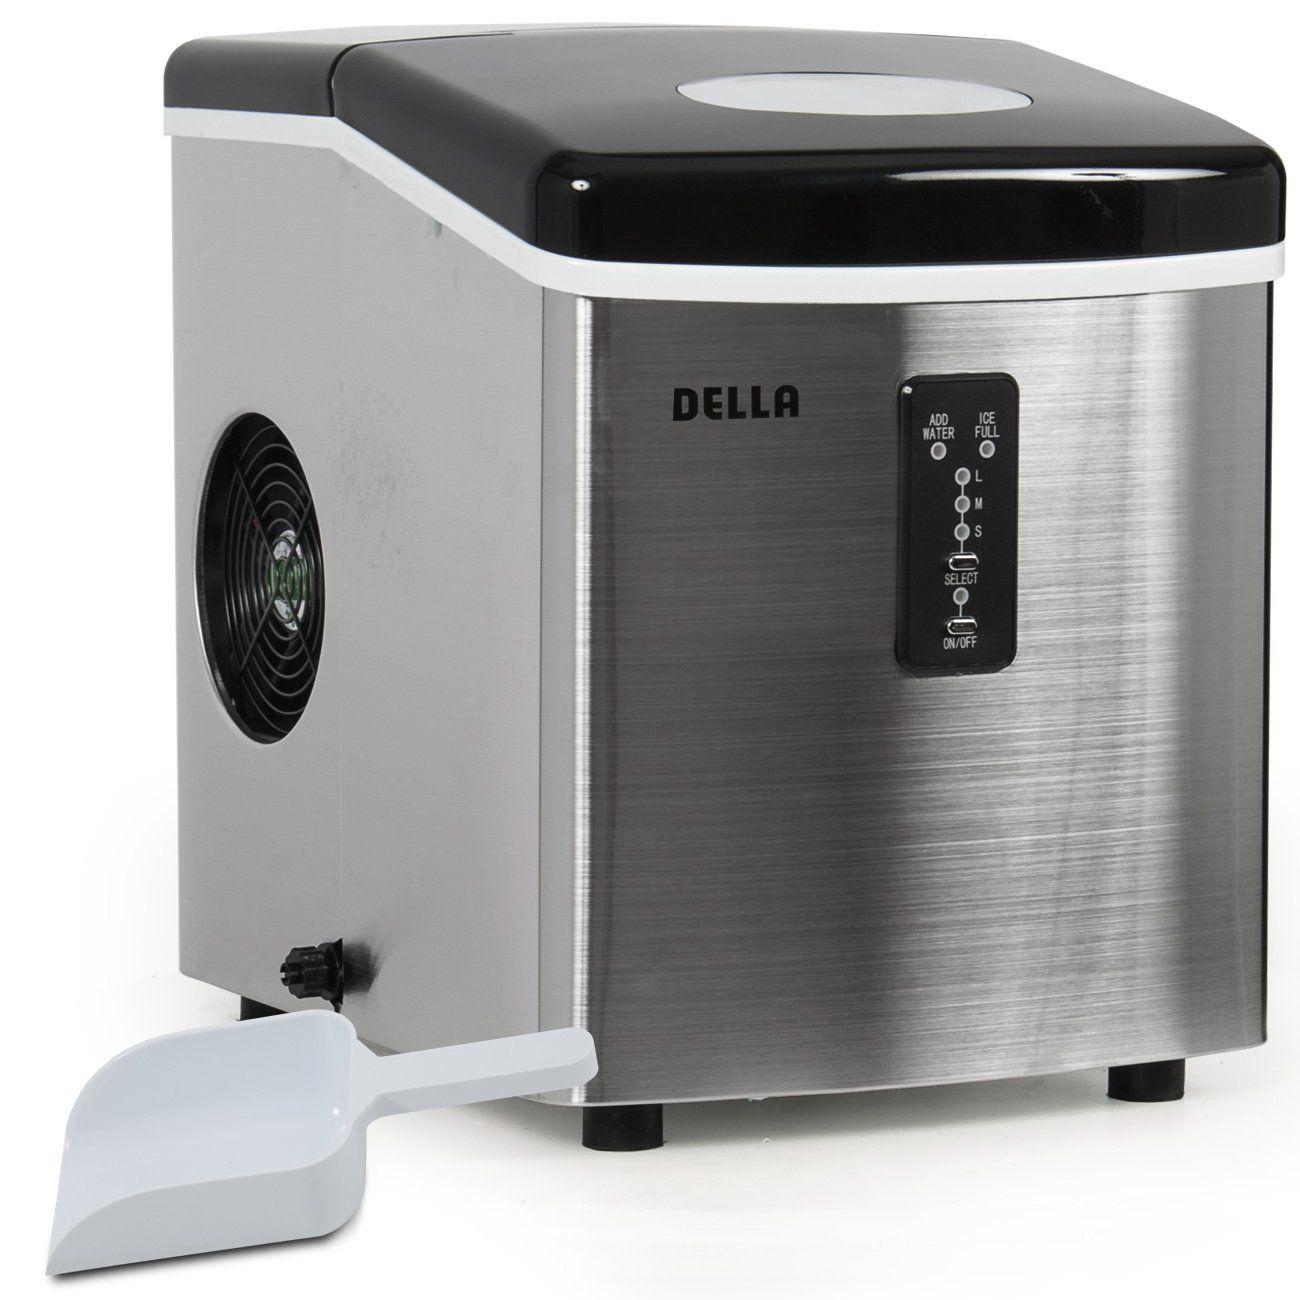 Della Stainless Steel Ice Maker Della Stainless Steel Ice Maker Portable Ice Maker Ice Maker Ice Maker Machine